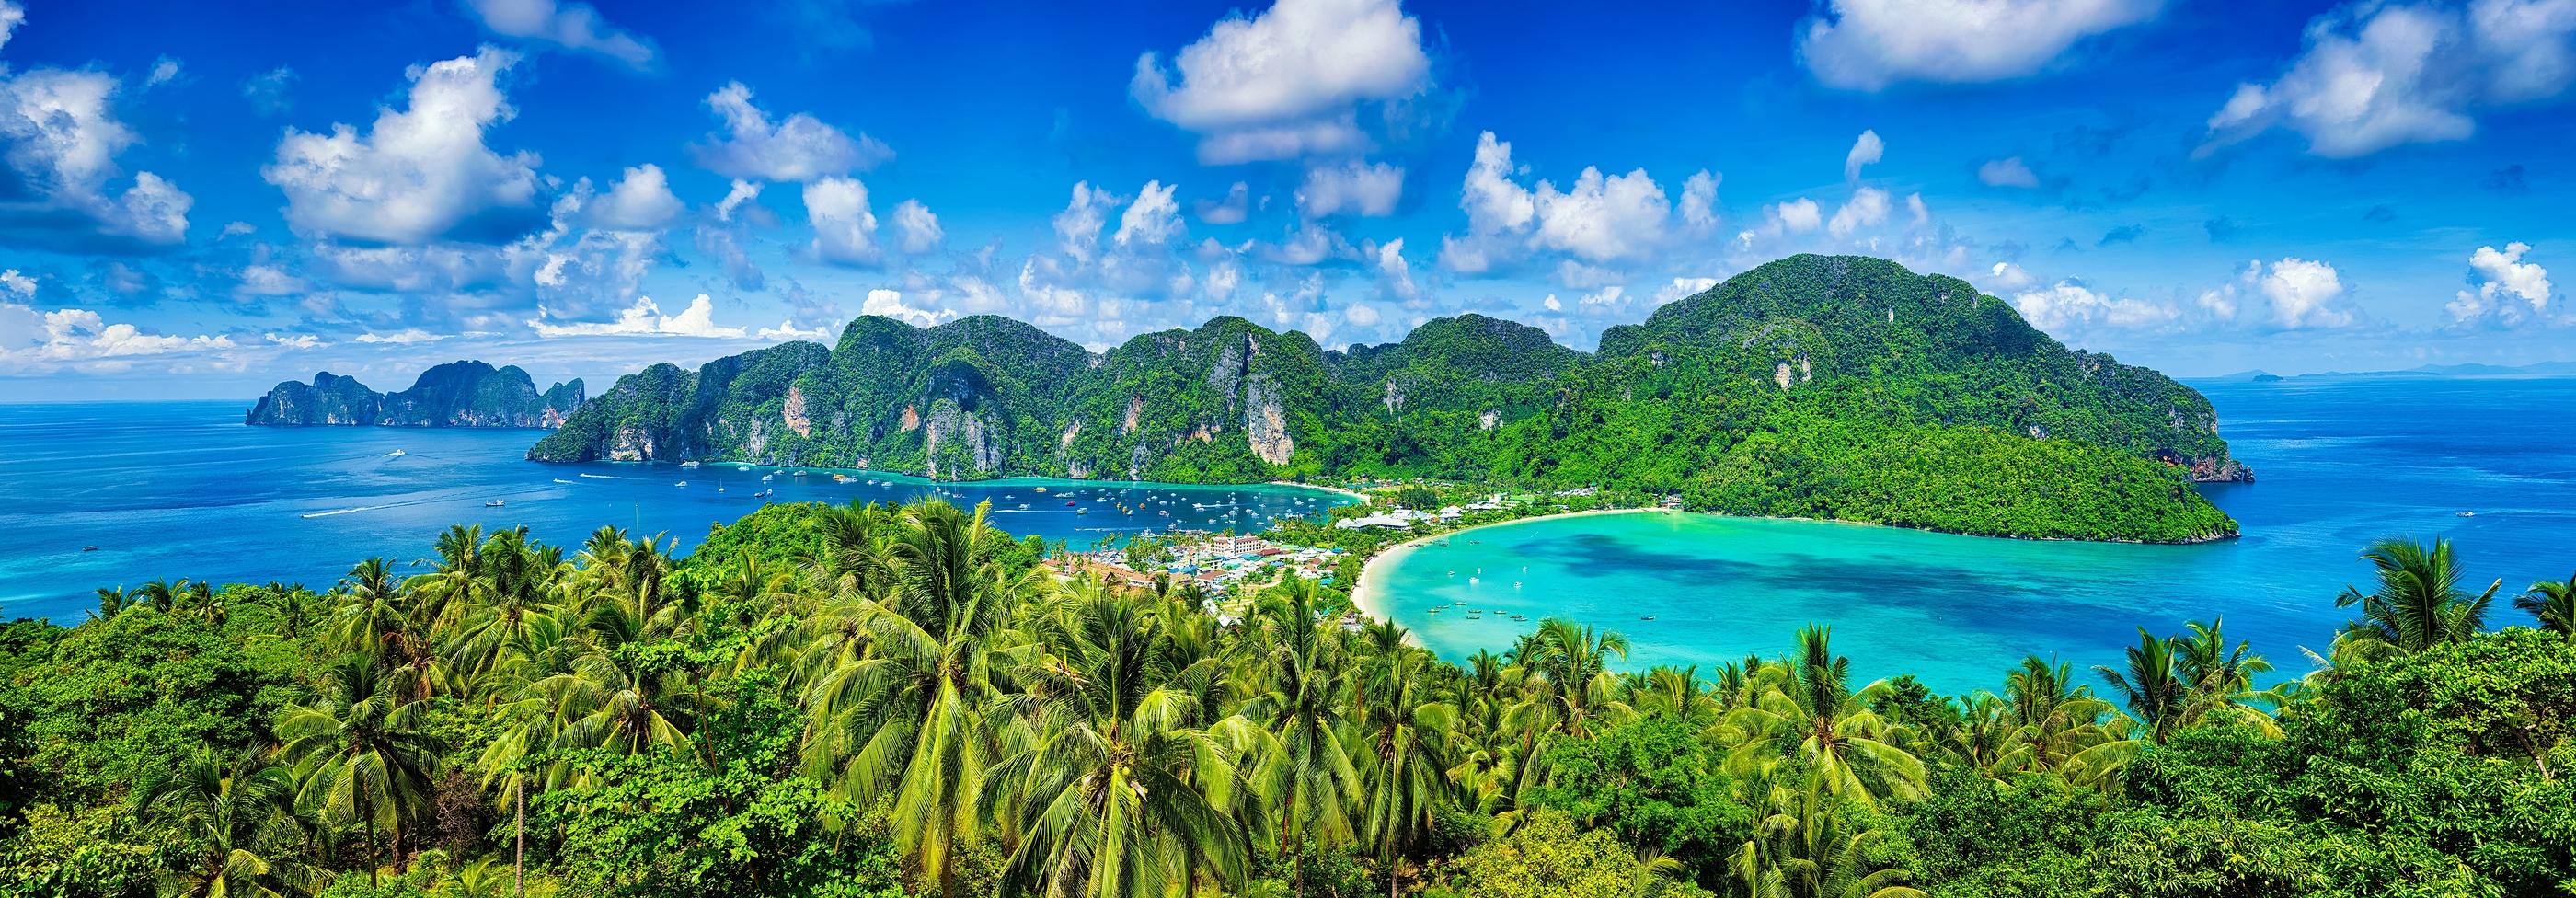 Také thajský ostrov Phi Phi patří k oblíbeným destinacím českých hvězd.